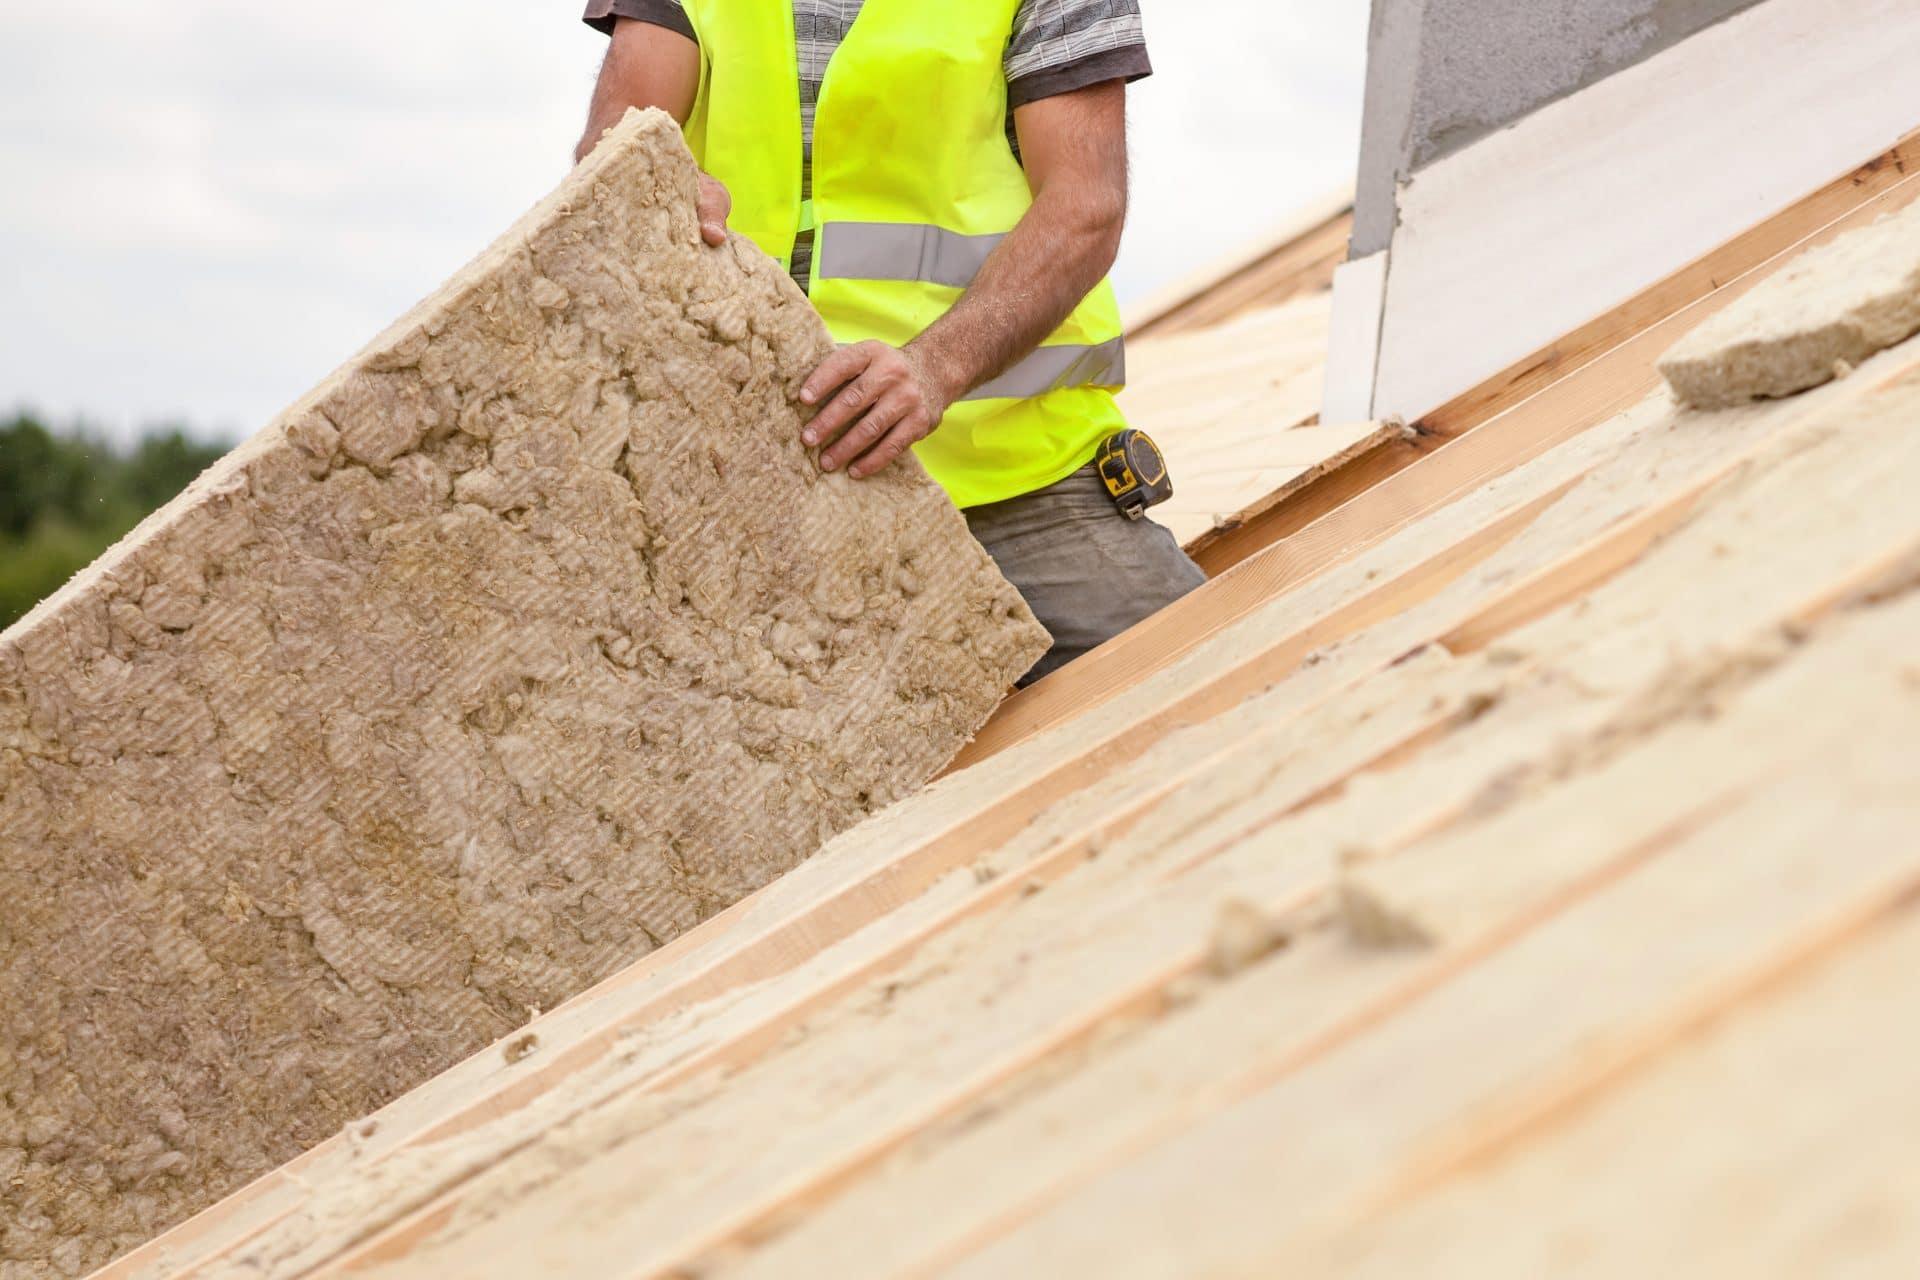 Rénovation et Isolation de toiture par l'extérieur